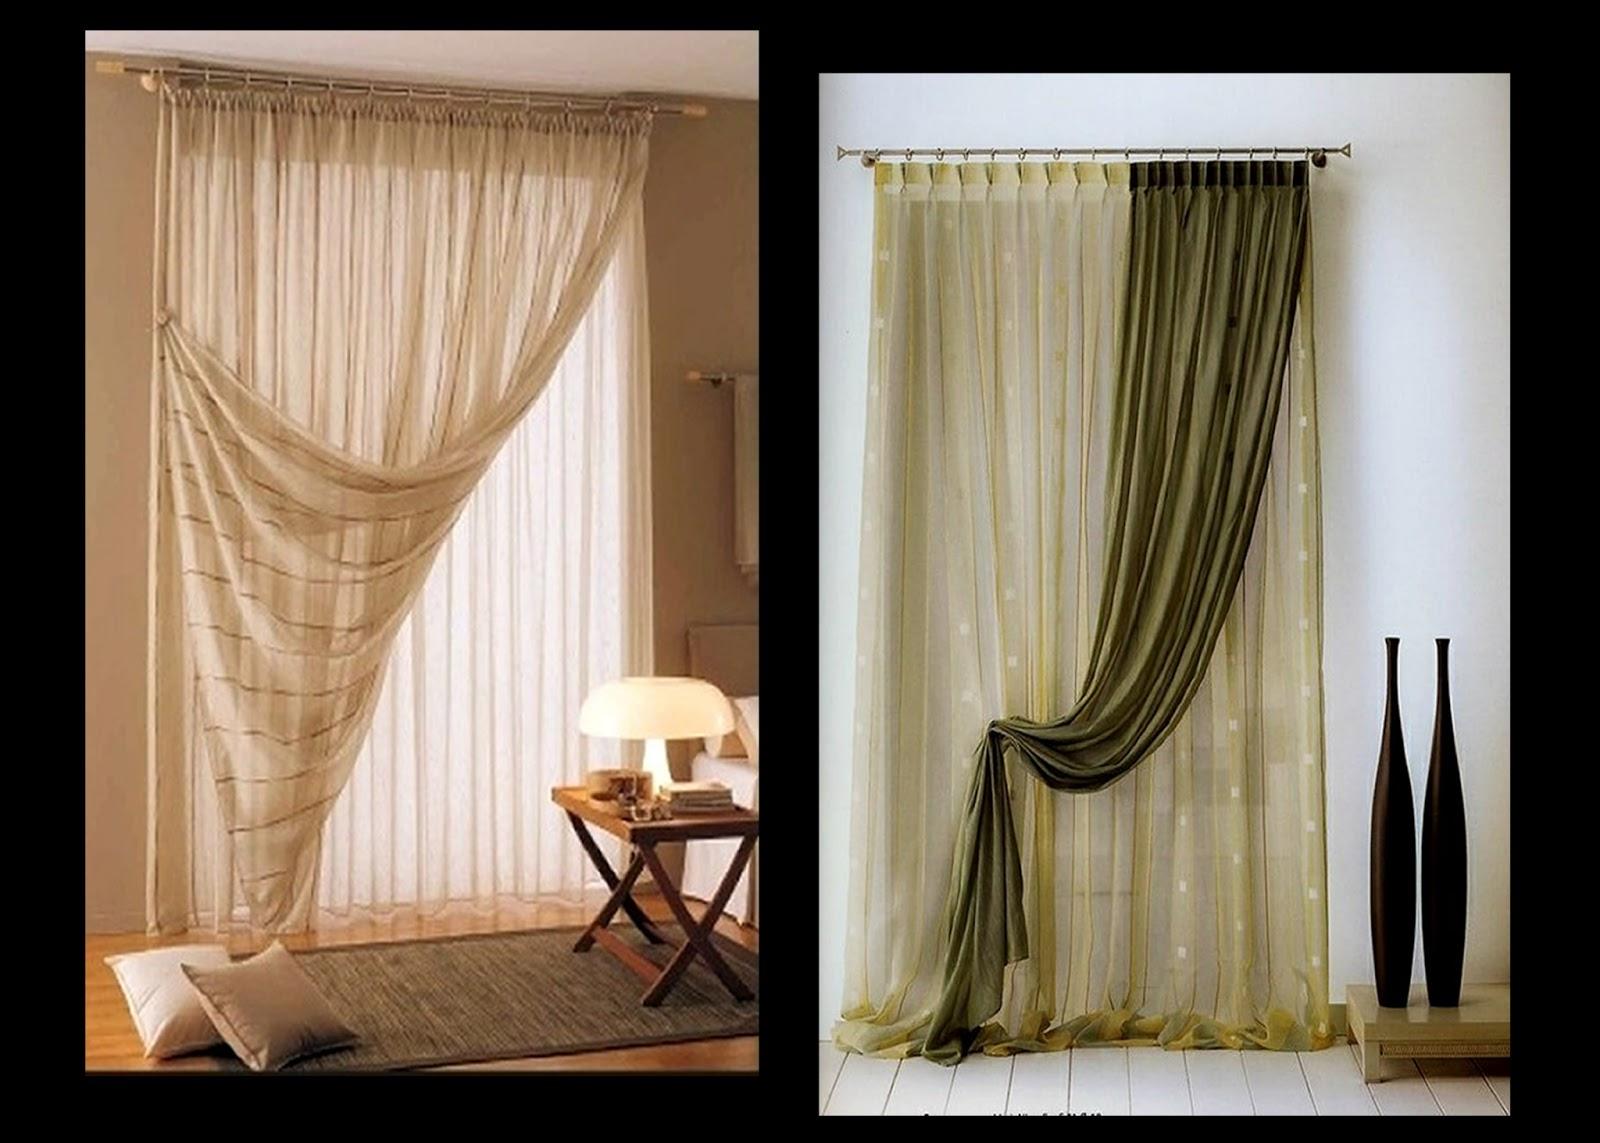 Idee originali per raccogliere le tende | Tutto per Casa